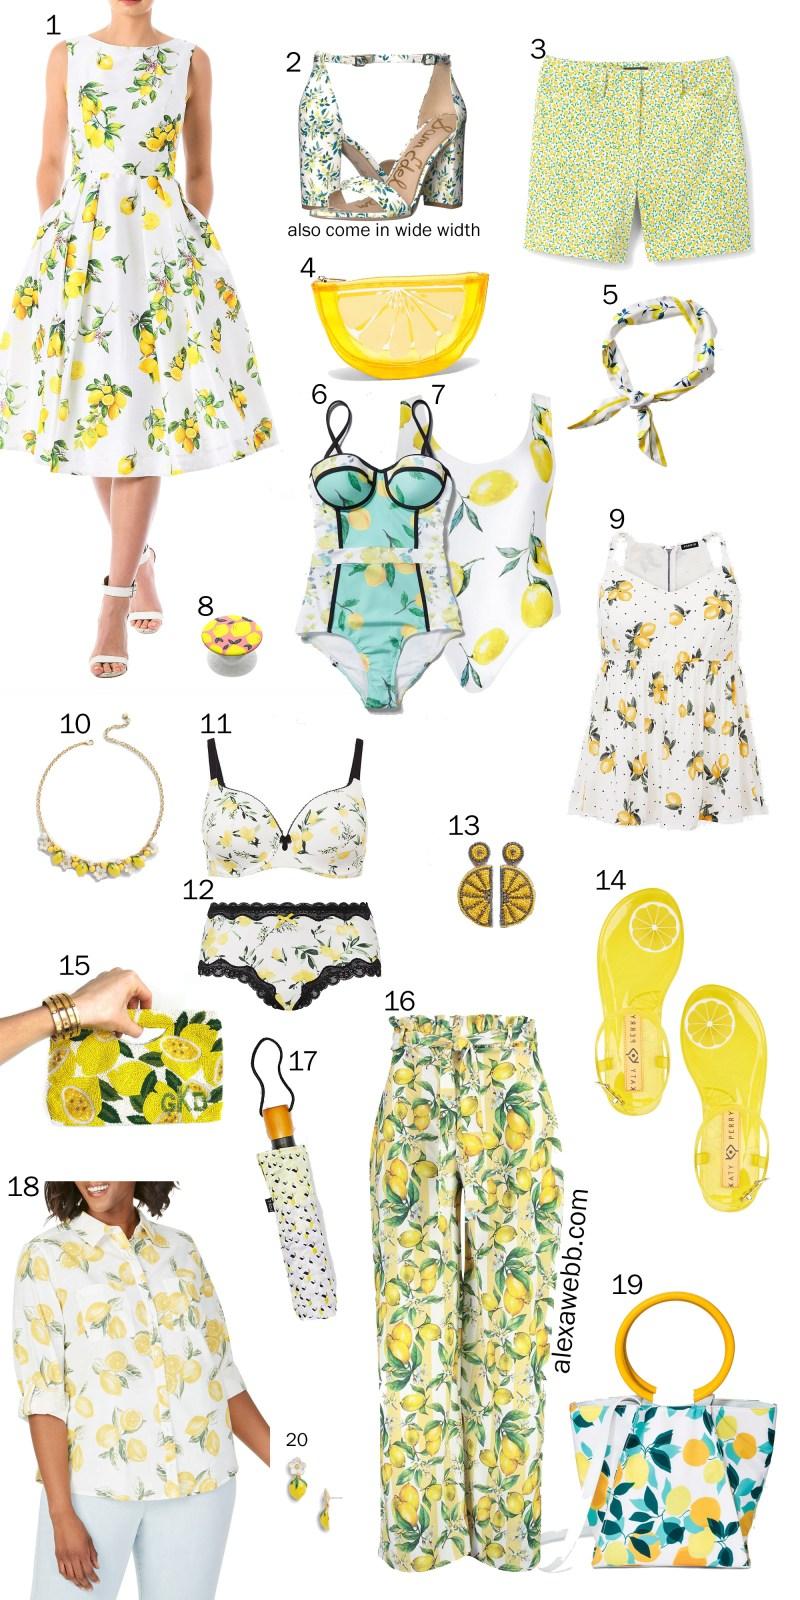 Plus Size Lemons - Plus Size Summer Fruit-Print Clothes - Plus Size Fashion for Women - alexawebb.com #plussize #alexawebb